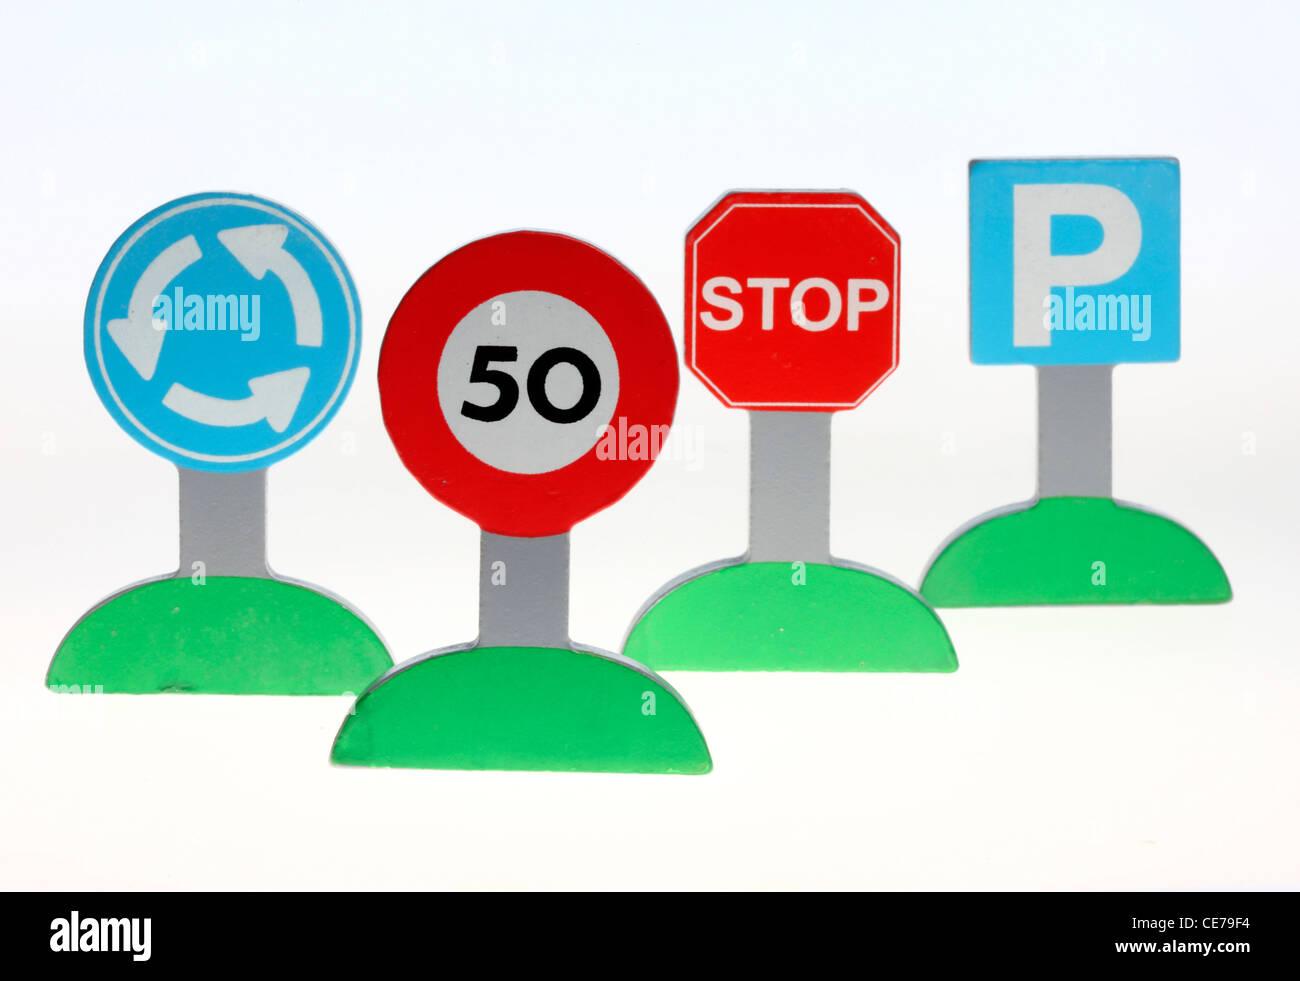 Verschiedene Verkehrszeichen. Bunte Bausteine, Holz. Spielzeug. Stockbild